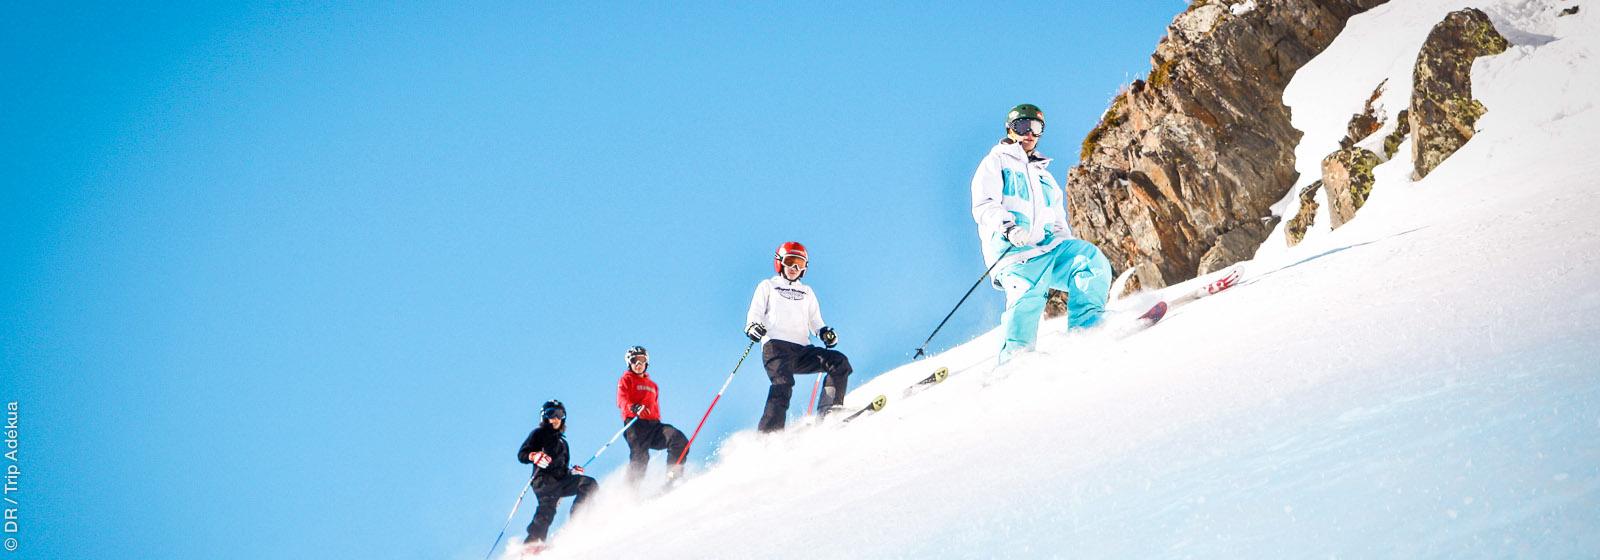 Ski Trip Adékua : créez et réservez vos Séjours et Stages de Ski